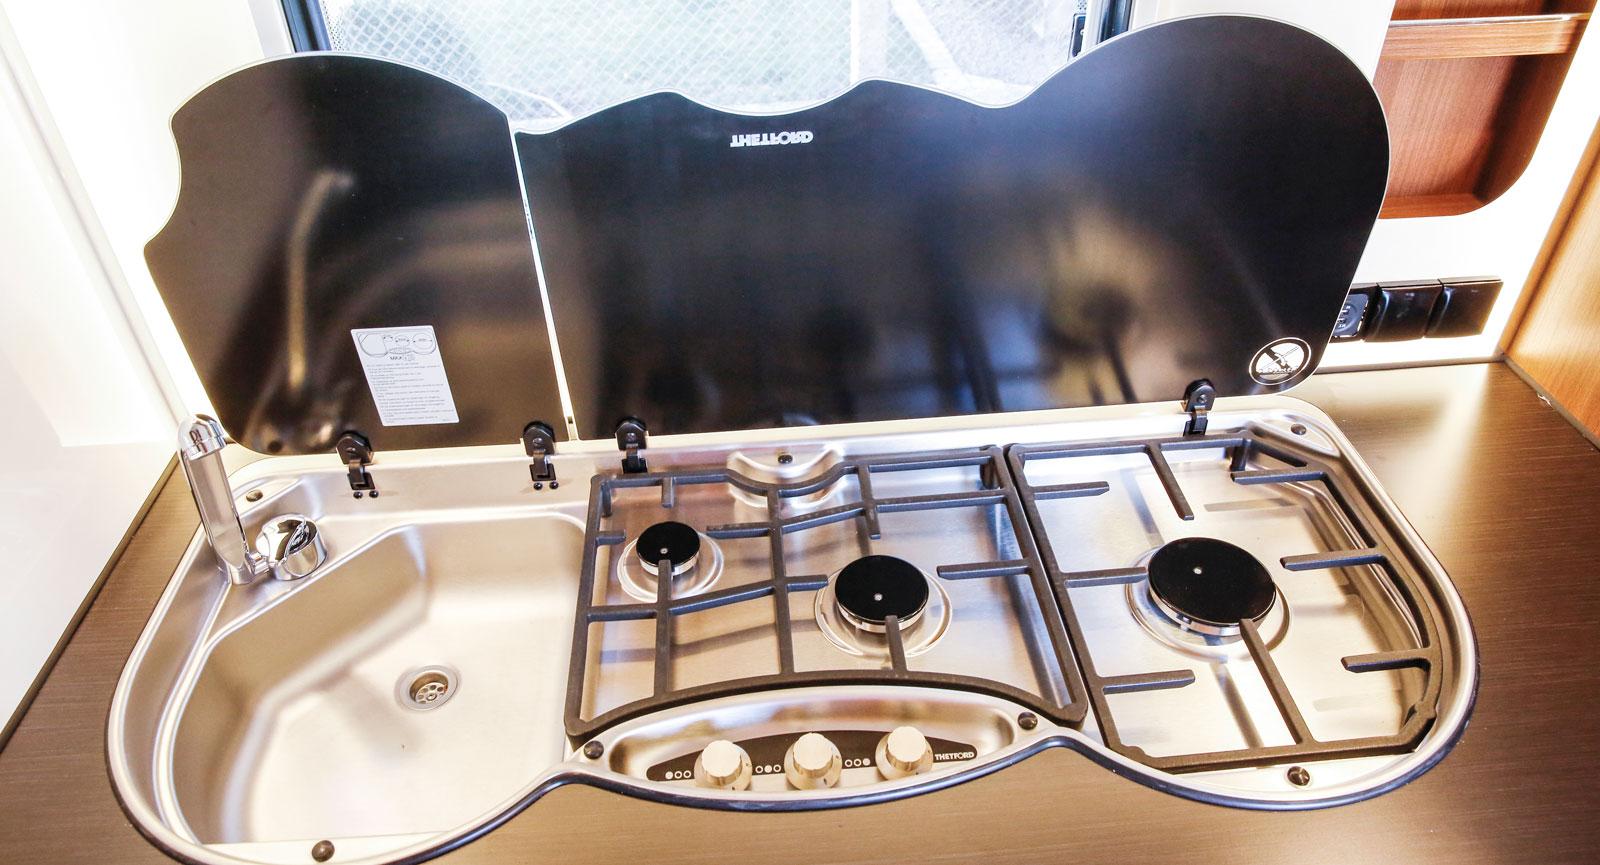 Köket har tre brännare med elektrisk gnisttändare.